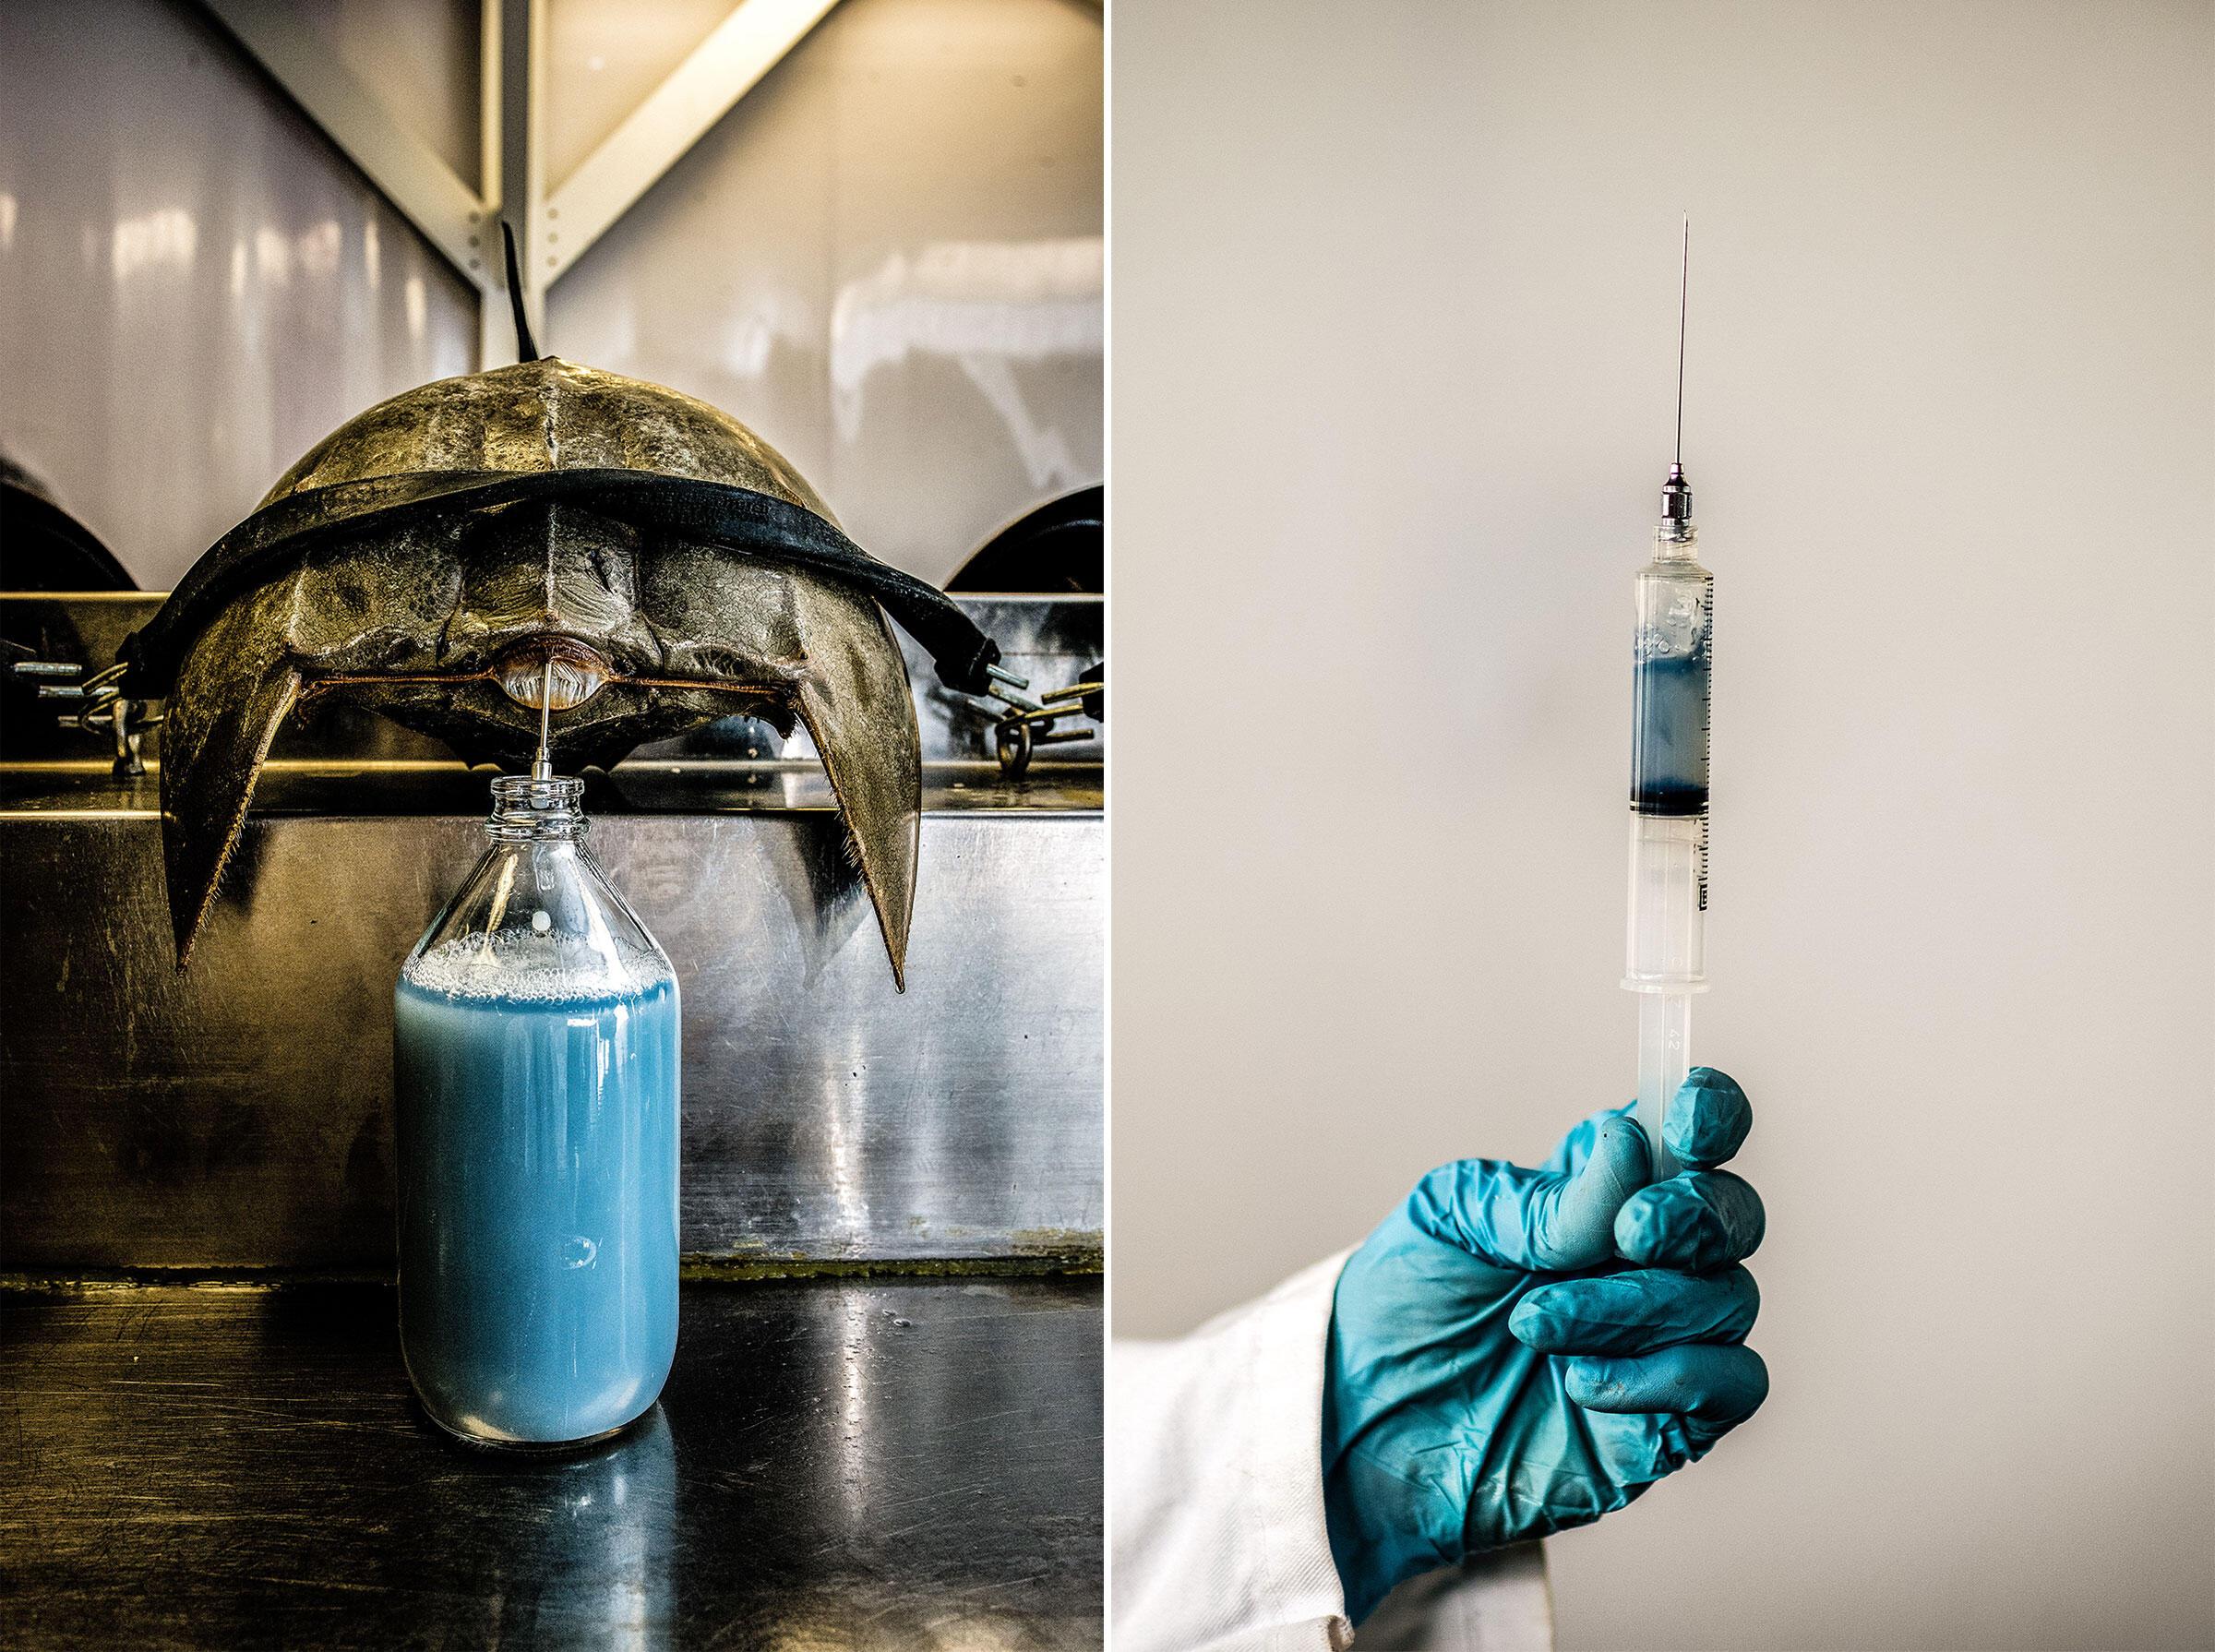 Como se puede ver aquí, Laboratorio Charles River de Charleston, Carolina del Sur, los cangrejos herradura tienen sangre azul. En lugar de hierro, su sangre contiene cobre. A ello se debe su color impactante. Fotografías: Timothy Fadek/Redux